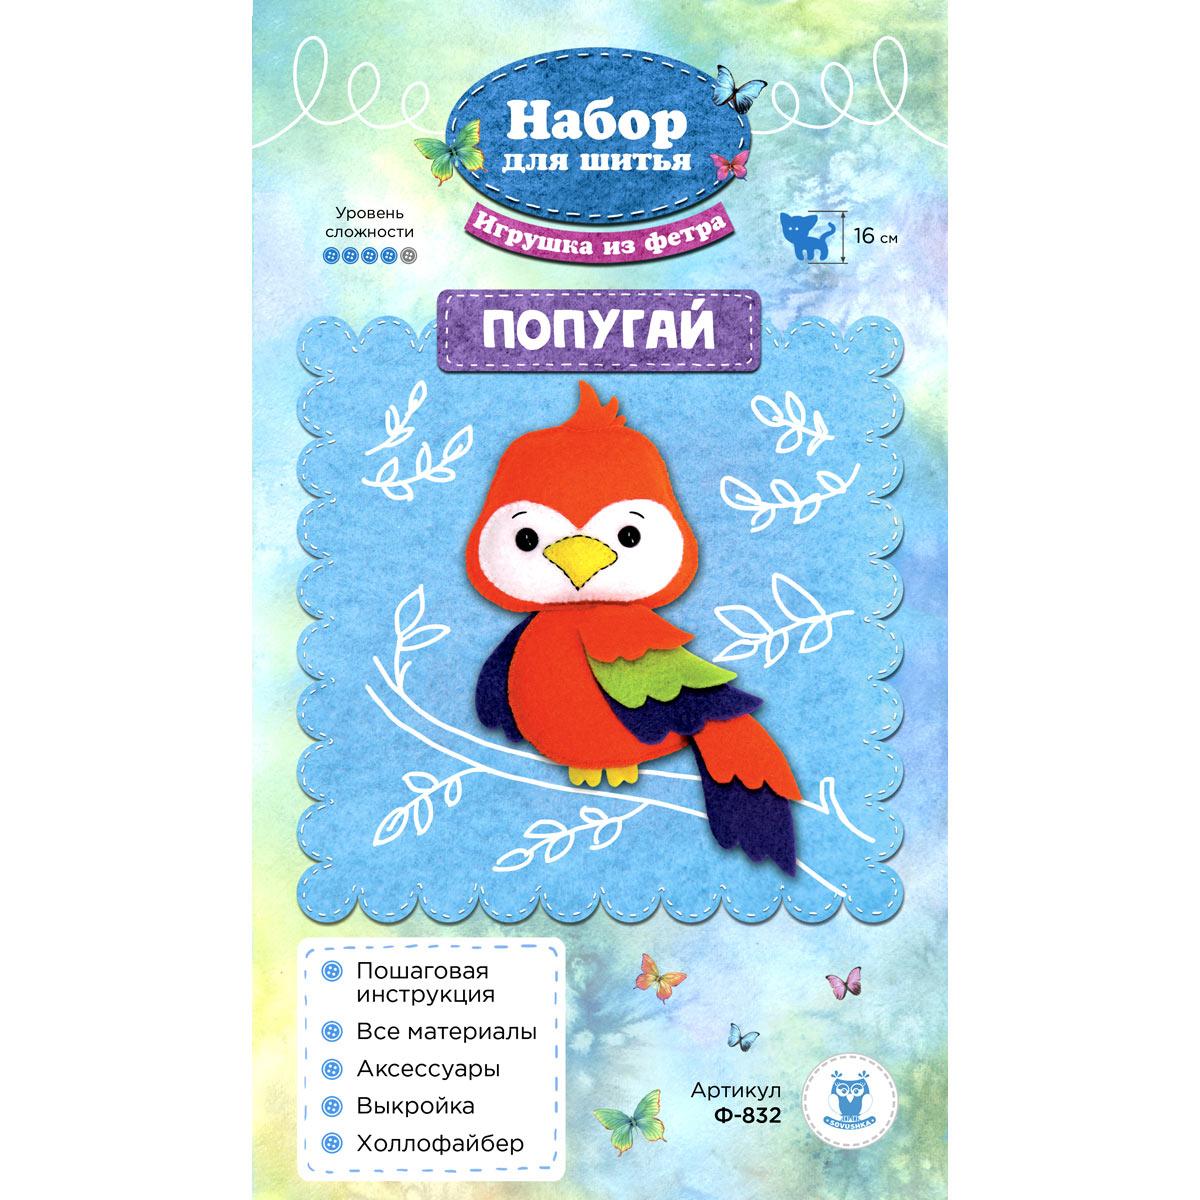 Ф-832 Набор для шитья игрушки из фетра 'Попугай' 16см